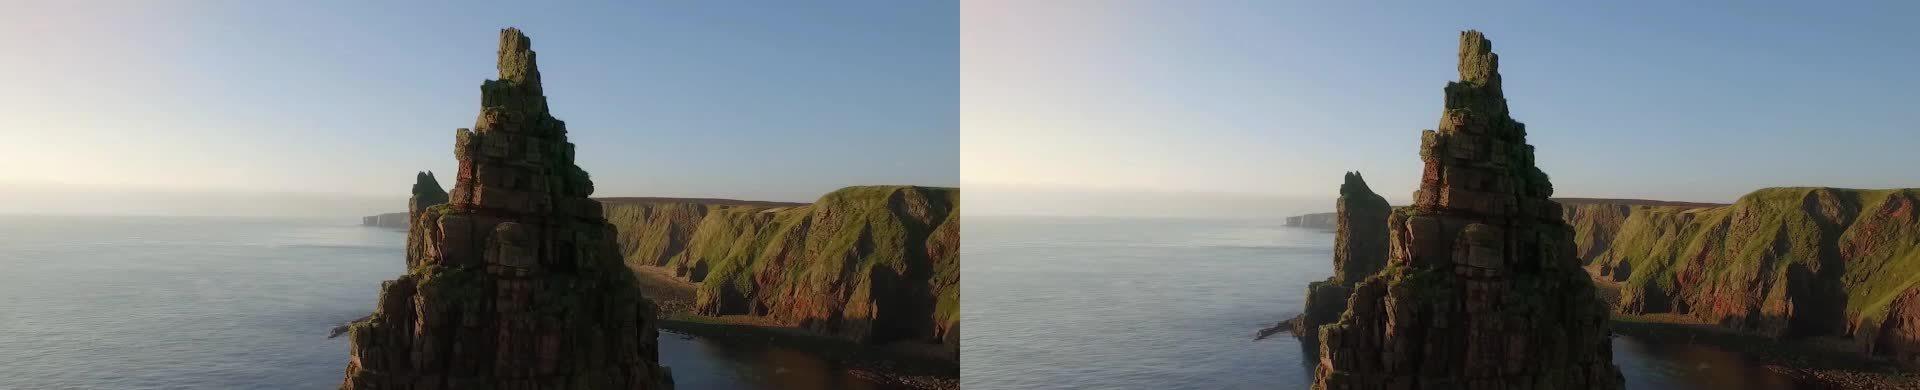 drone, Wild Scotland (Crossview Conversion) 2 GIFs